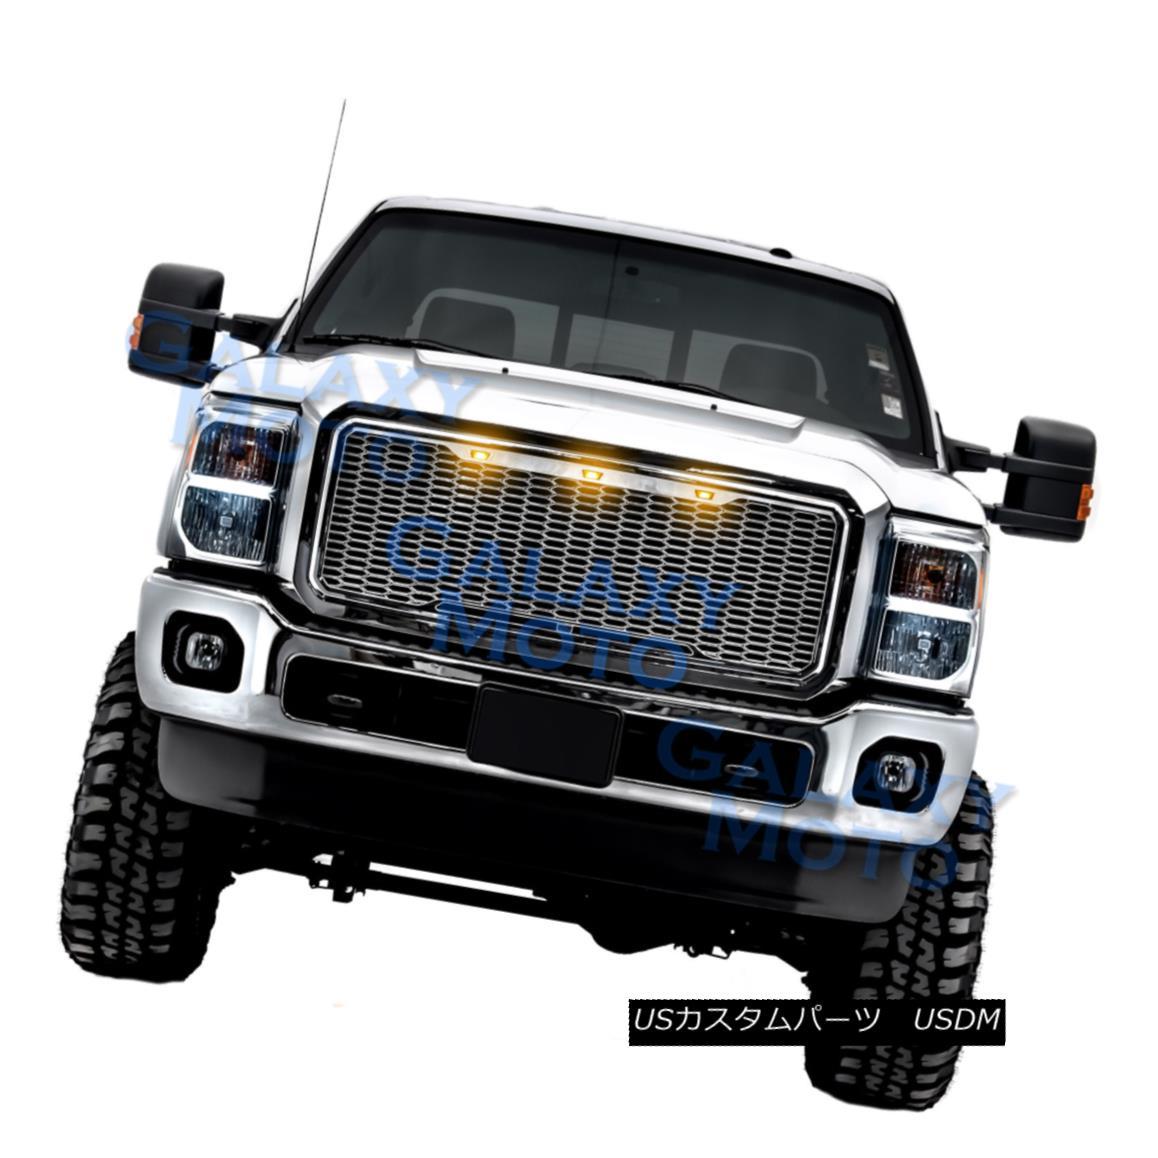 グリル 11-16 Ford Super Duty Raptor Style Chrome Mesh Grille+Shell+Amber 3x LED light 11-16フォードスーパーデューティラプタースタイルクロームメッシュグリル+シェル+ mber 3x LEDライト